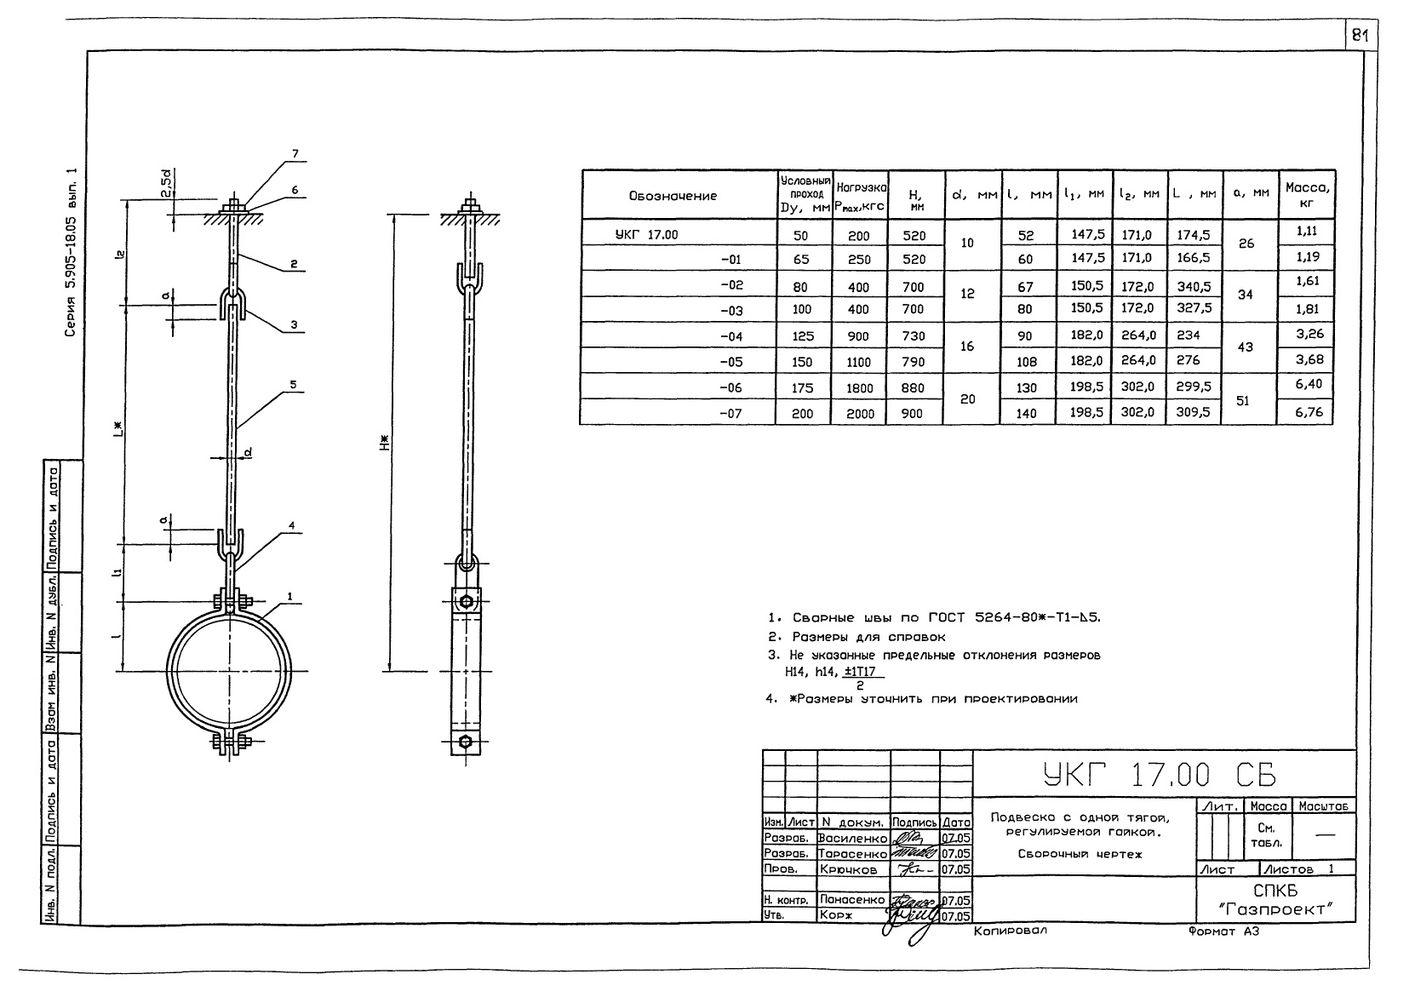 Подвеска с одной тягой, регулируемой гайкой УКГ 17.00 СБ серия 5.905-18.05 выпуск 1 стр.1